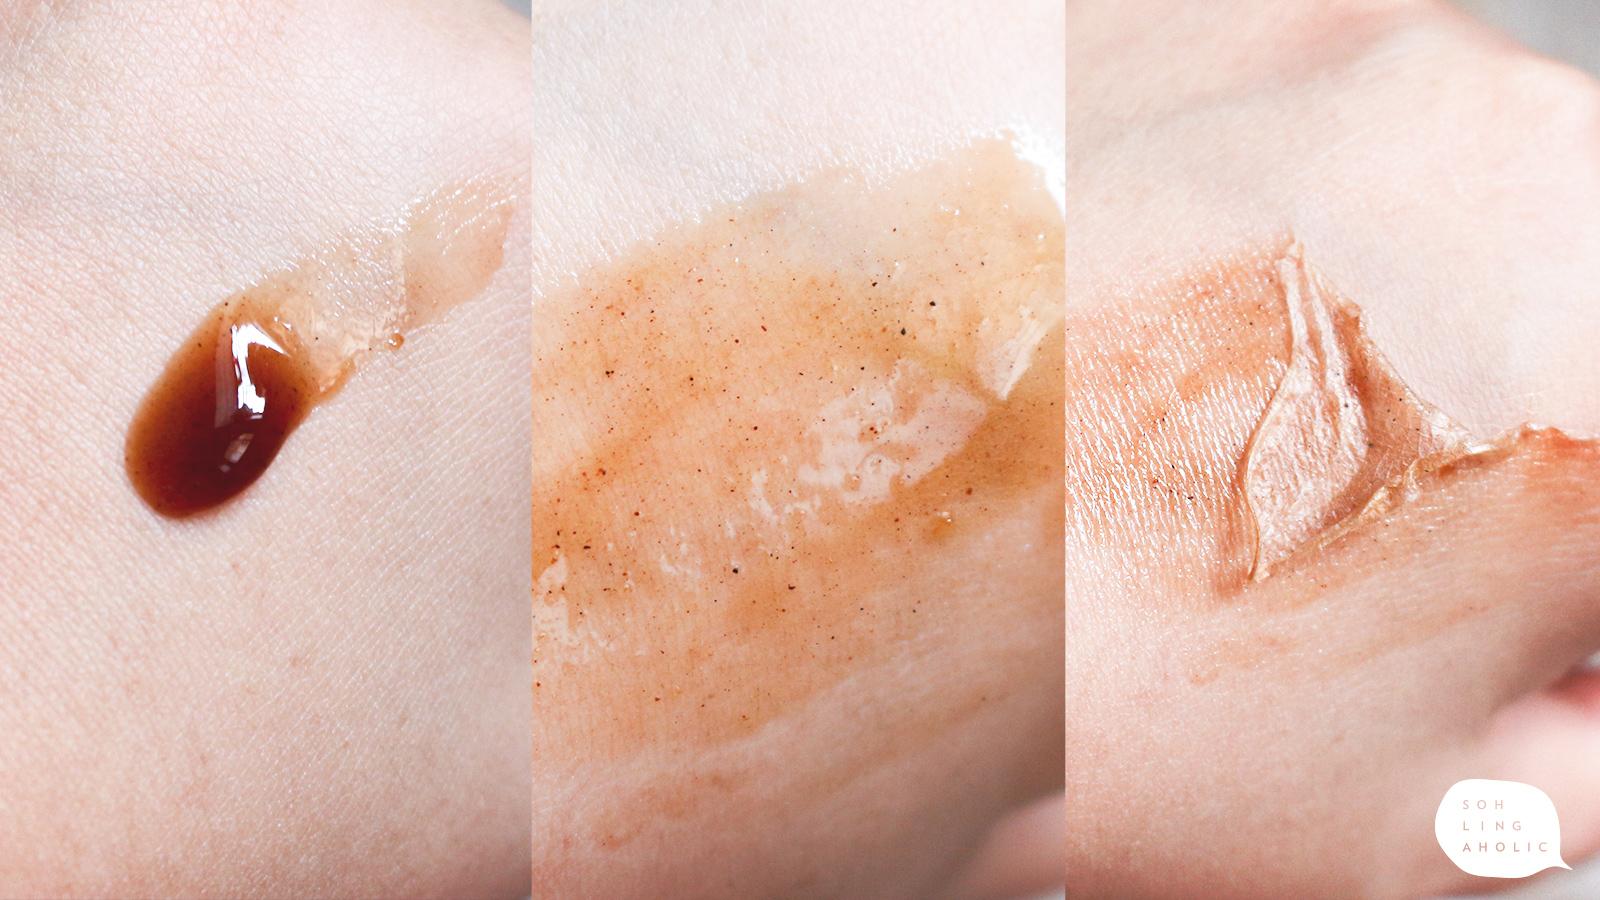 保養||Sulwhasoo Clarifying Mask EX 雪花秀玉容面膜 ~ Sohlingaholic